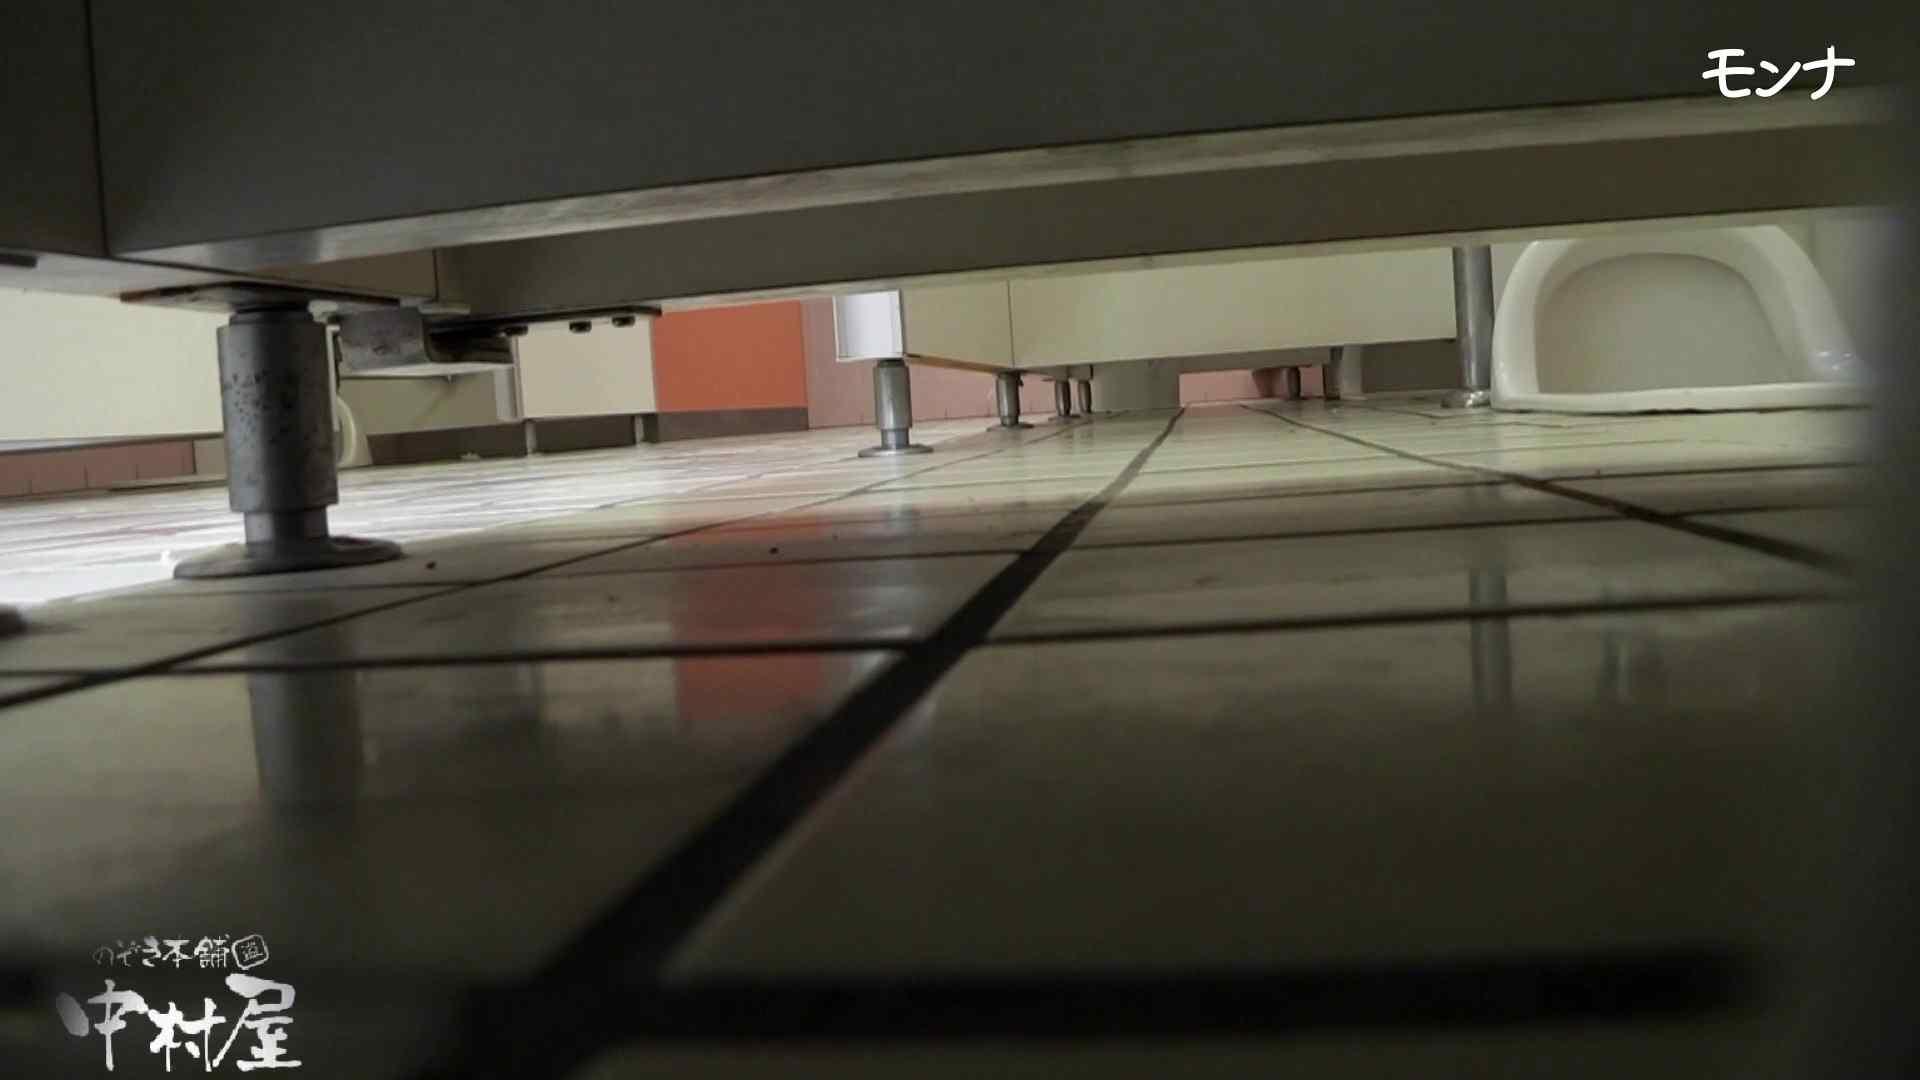 【美しい日本の未来】美しい日本の未来 No.73 自然なセクシーな仕草に感動中 盗撮師作品 スケベ動画紹介 89pic 27